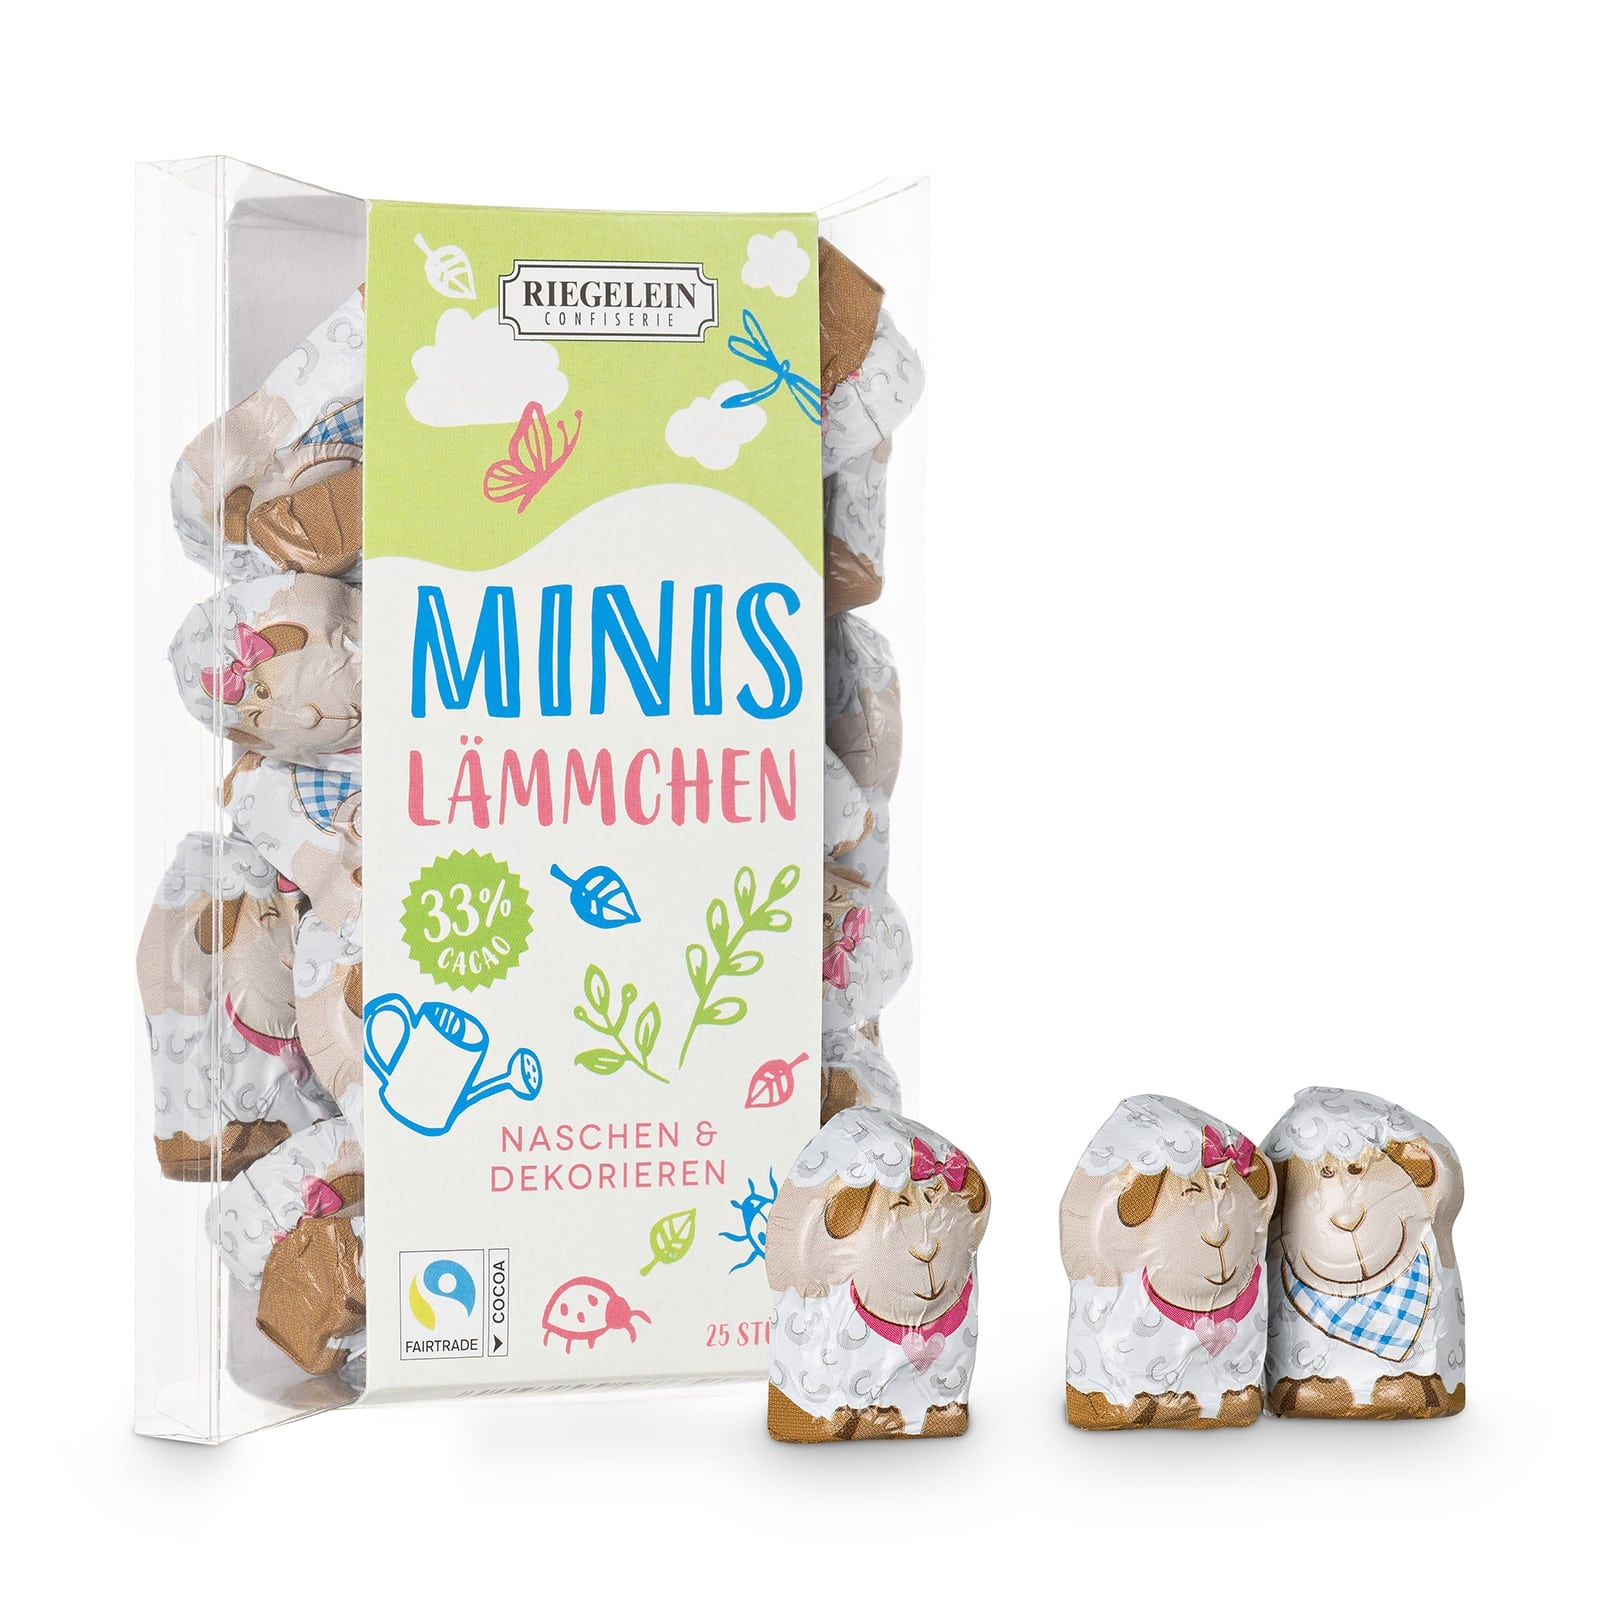 Confiserie Riegelein Mini Osterlämmer aus Edel-Vollmilchschokolade in Geschenkbox